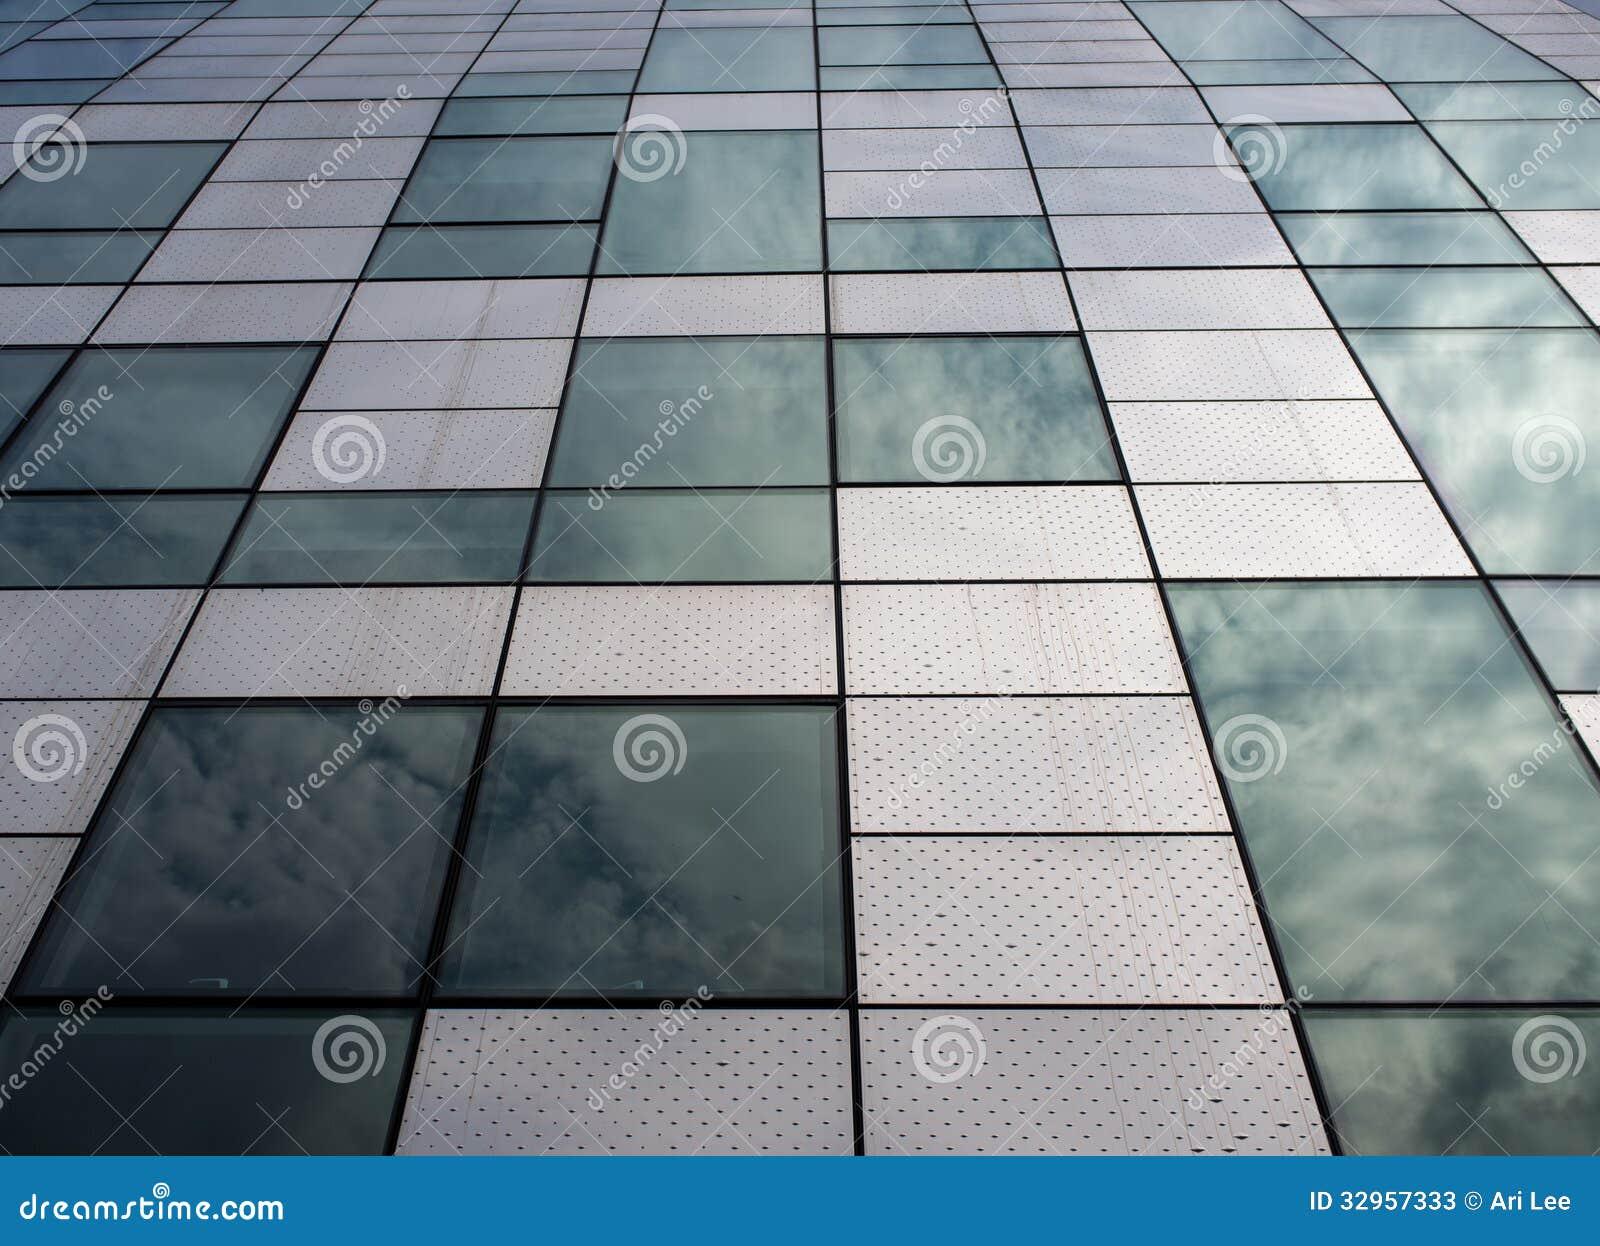 Σύγχρονο κτήριο με το αρχιτεκτονικό χαρακτηριστικό γνώρισμα που χρησιμοποιεί το χάλυβα και το γυαλί